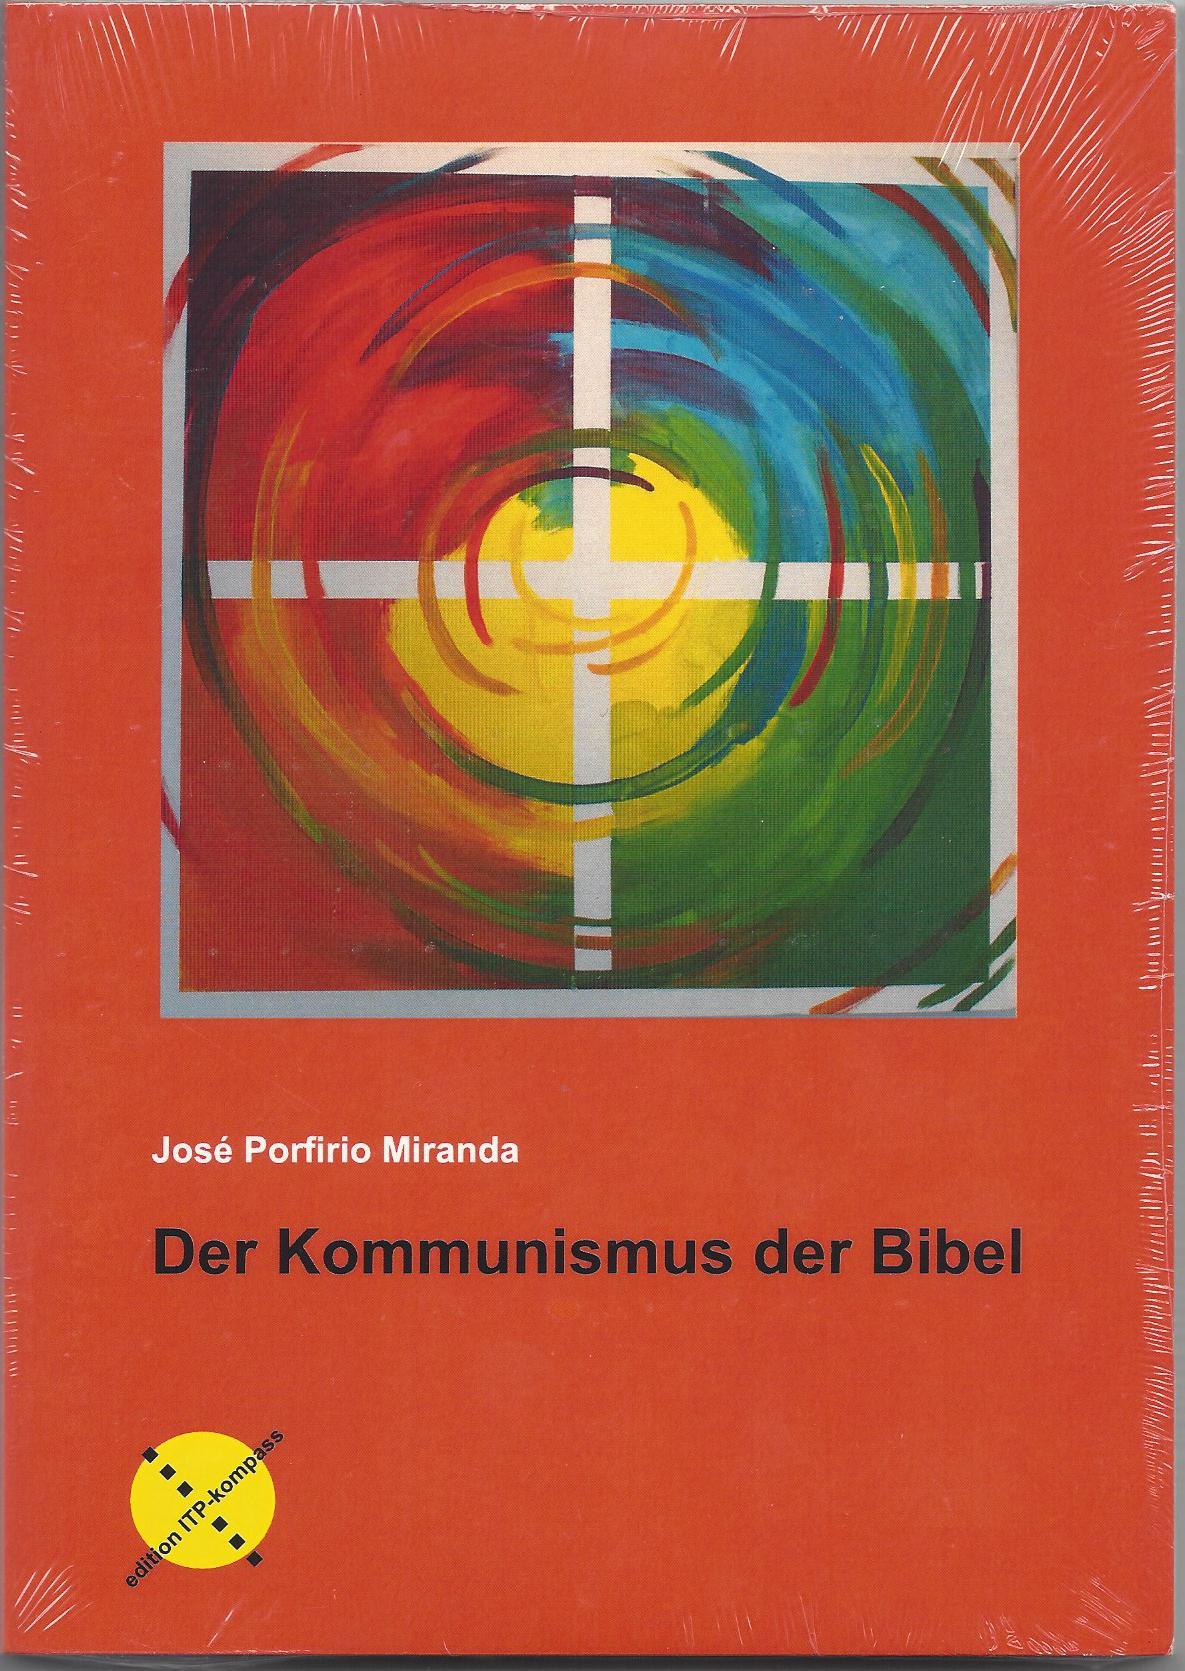 Der Kommunismus der Bibel